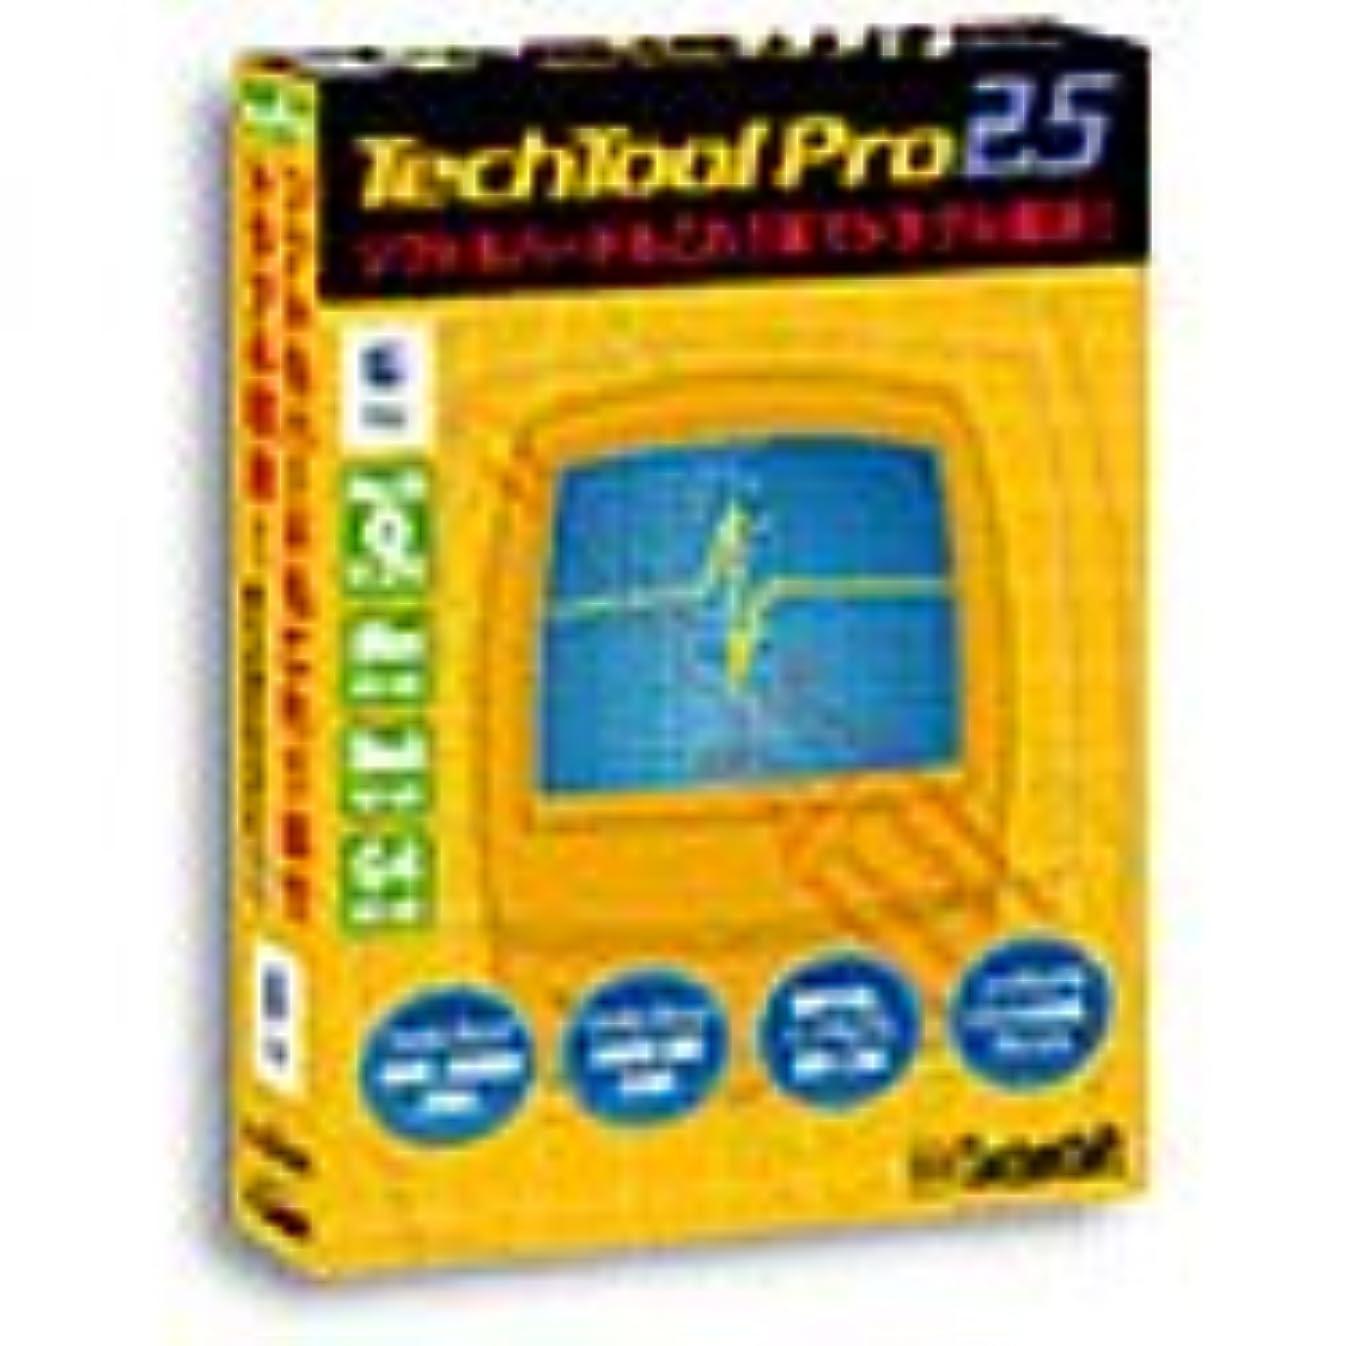 高いシルエット槍TechTool Pro 2.5.3 日本語版